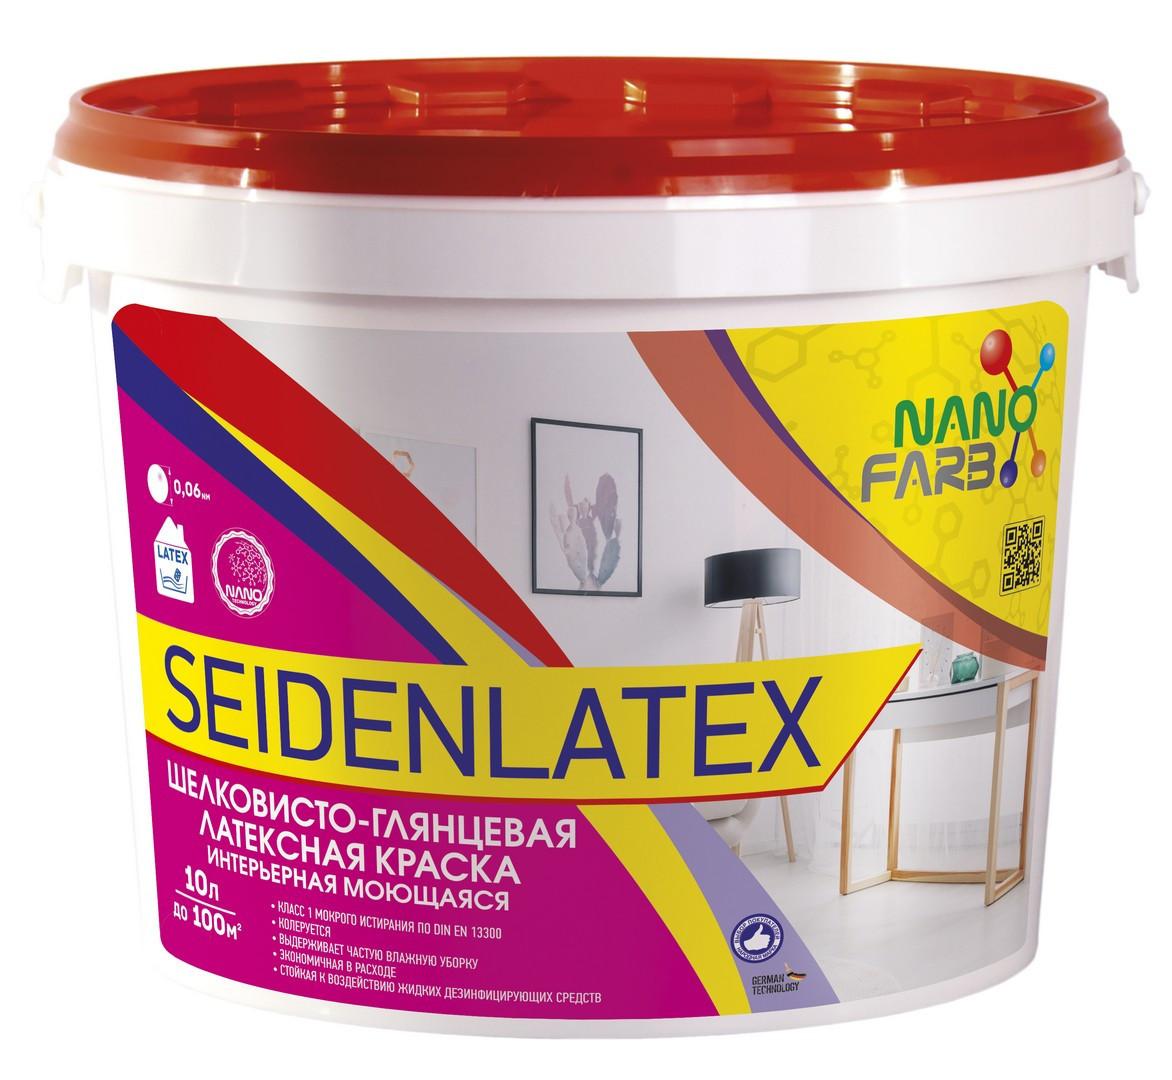 Интерьерная шелковисто-глянцевая латексная краска Seidenlatex Nano farb 10 л